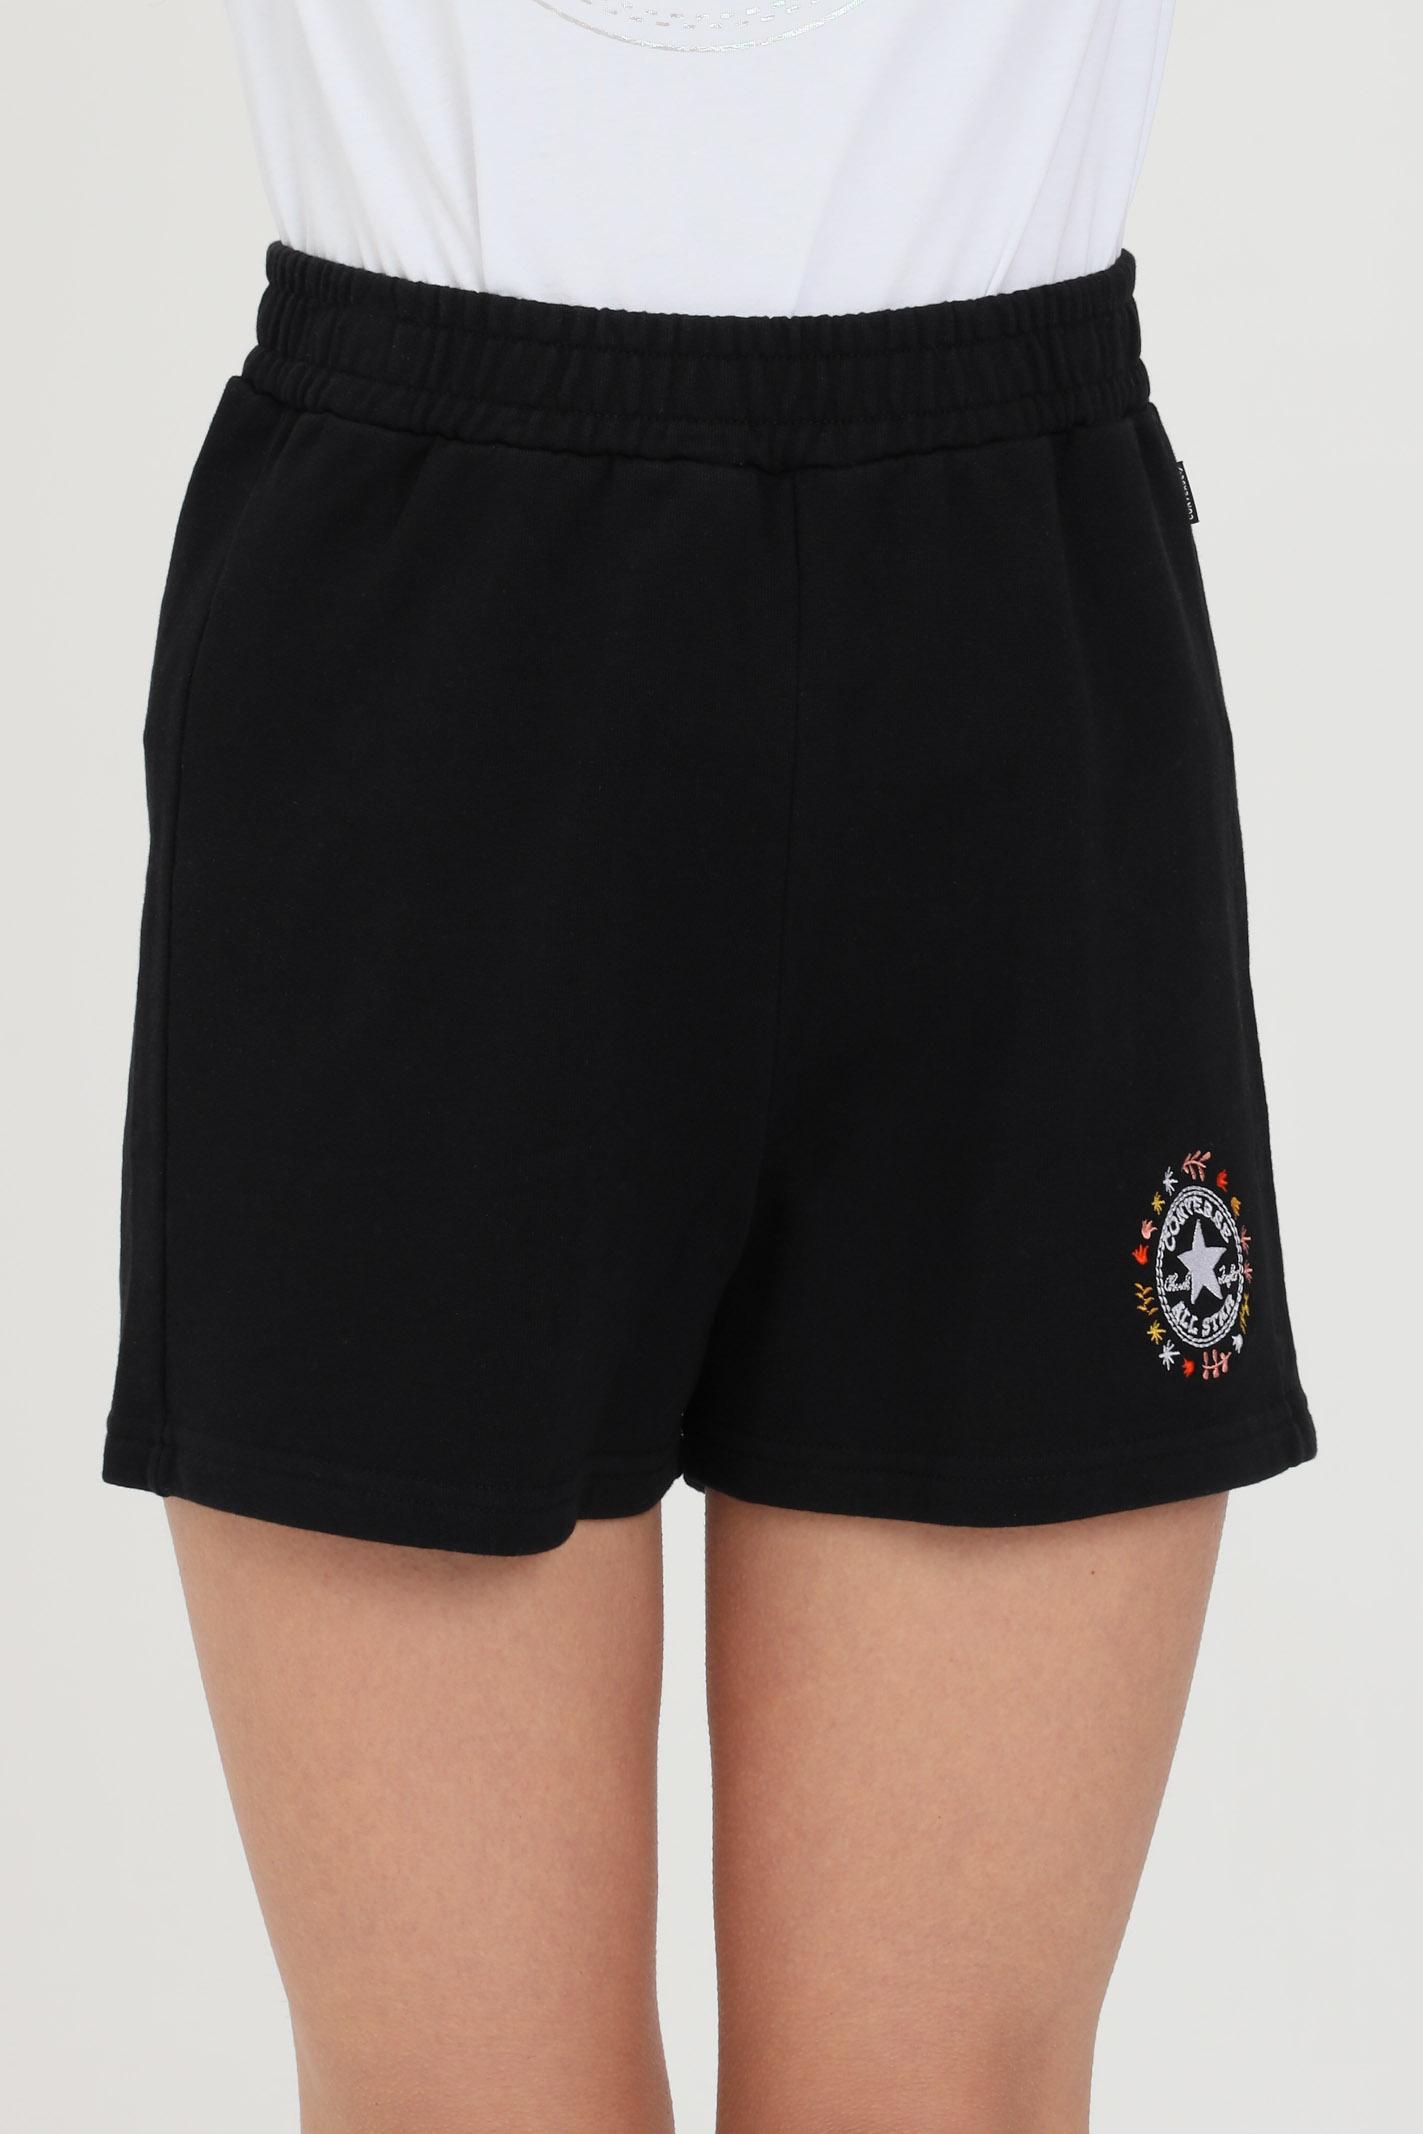 Shorts chuck taylor wander donna nero Converse casual con elastico in vita e tasche laterali CONVERSE | Shorts | 10022605-A02A02